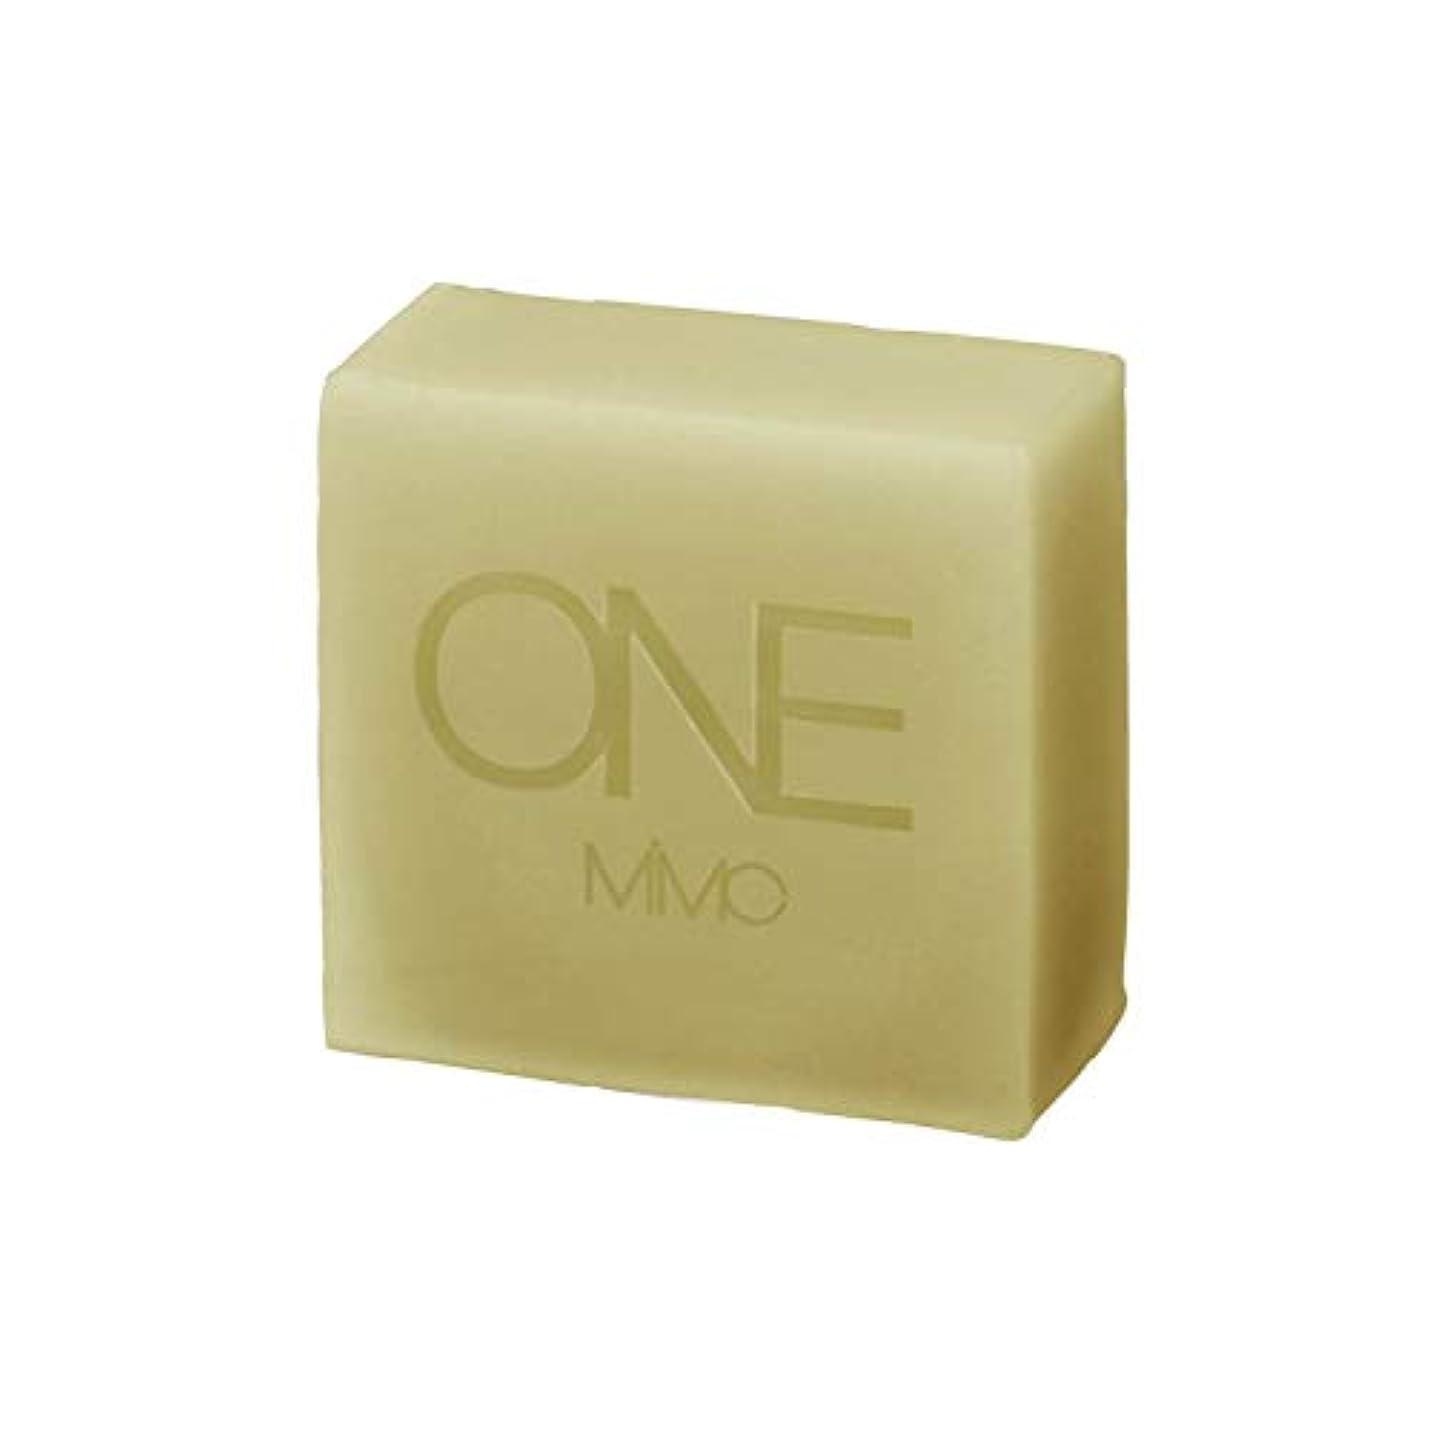 ハブウォーターフロント特許【MiMC ONE(エムアイエムシー ワン)】ハーブプロテクトソープ フォーアウトドア/アブサンガード 85g